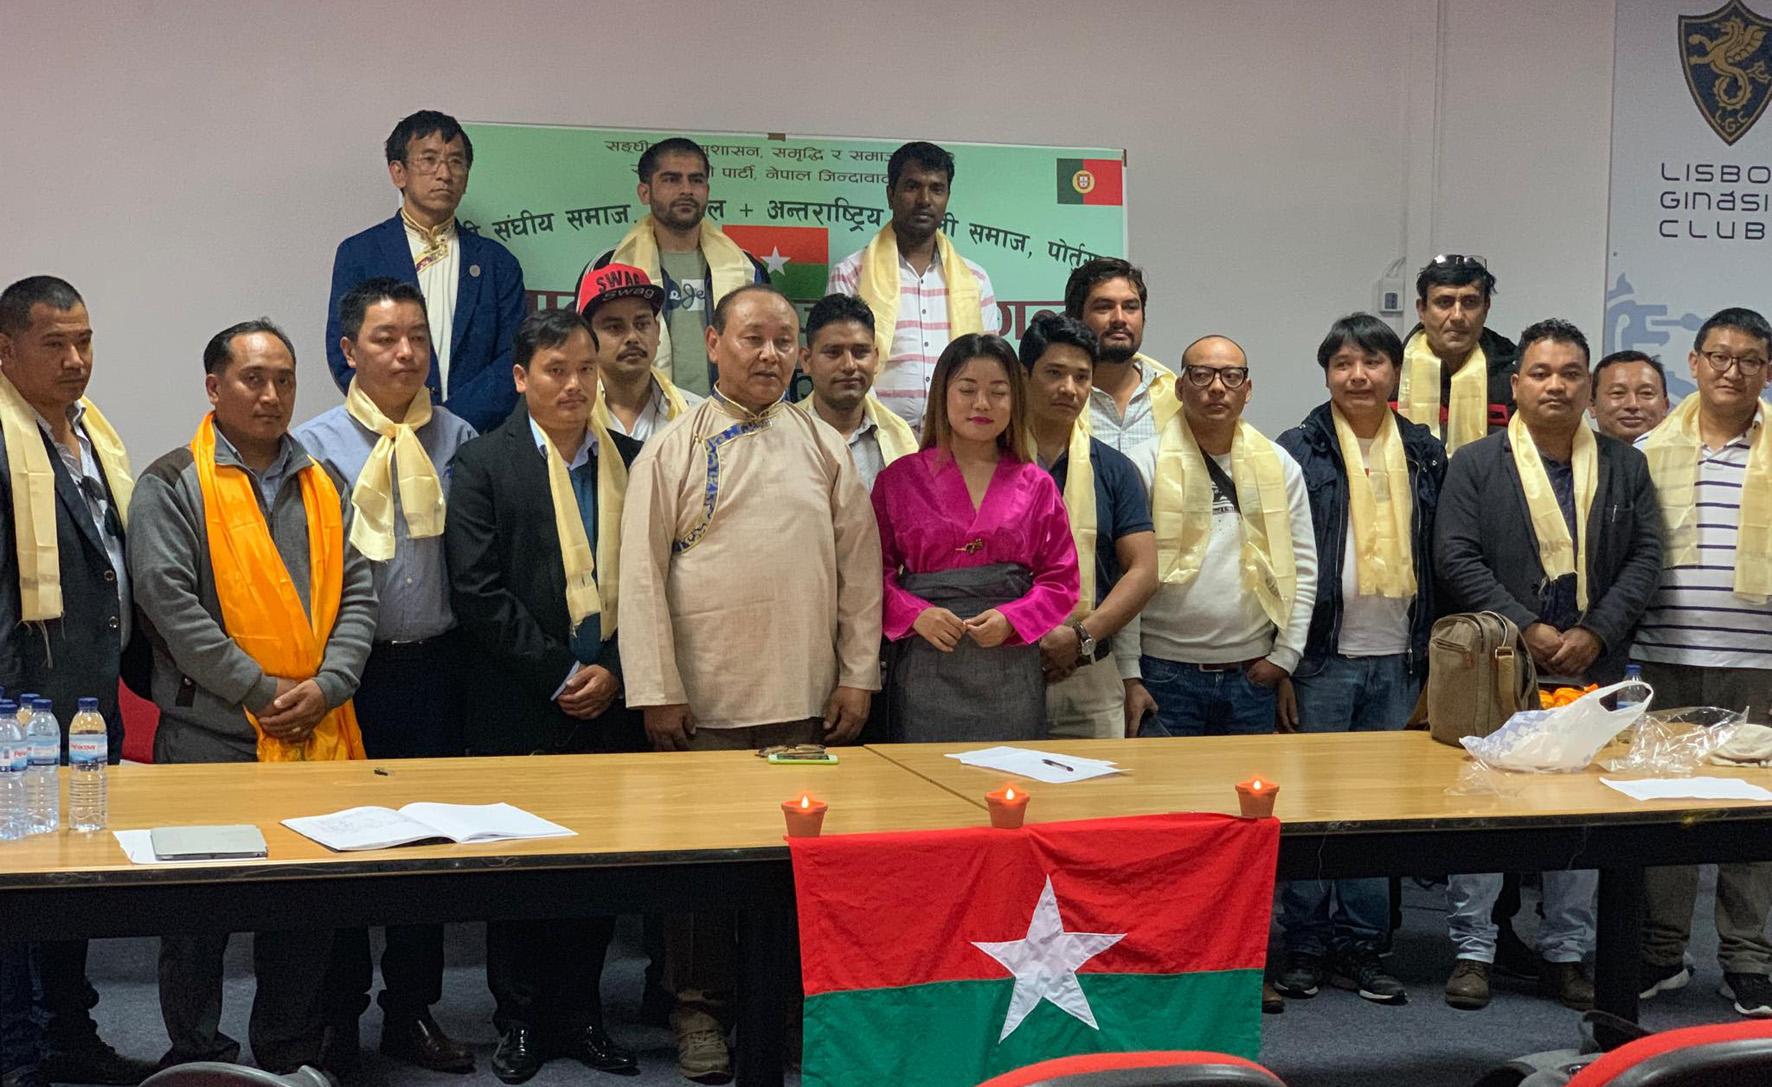 सोमफुरी शेर्पाको नेतृत्वमा नेपाली समाज पोर्तुगलको औपचारिक घोषणा